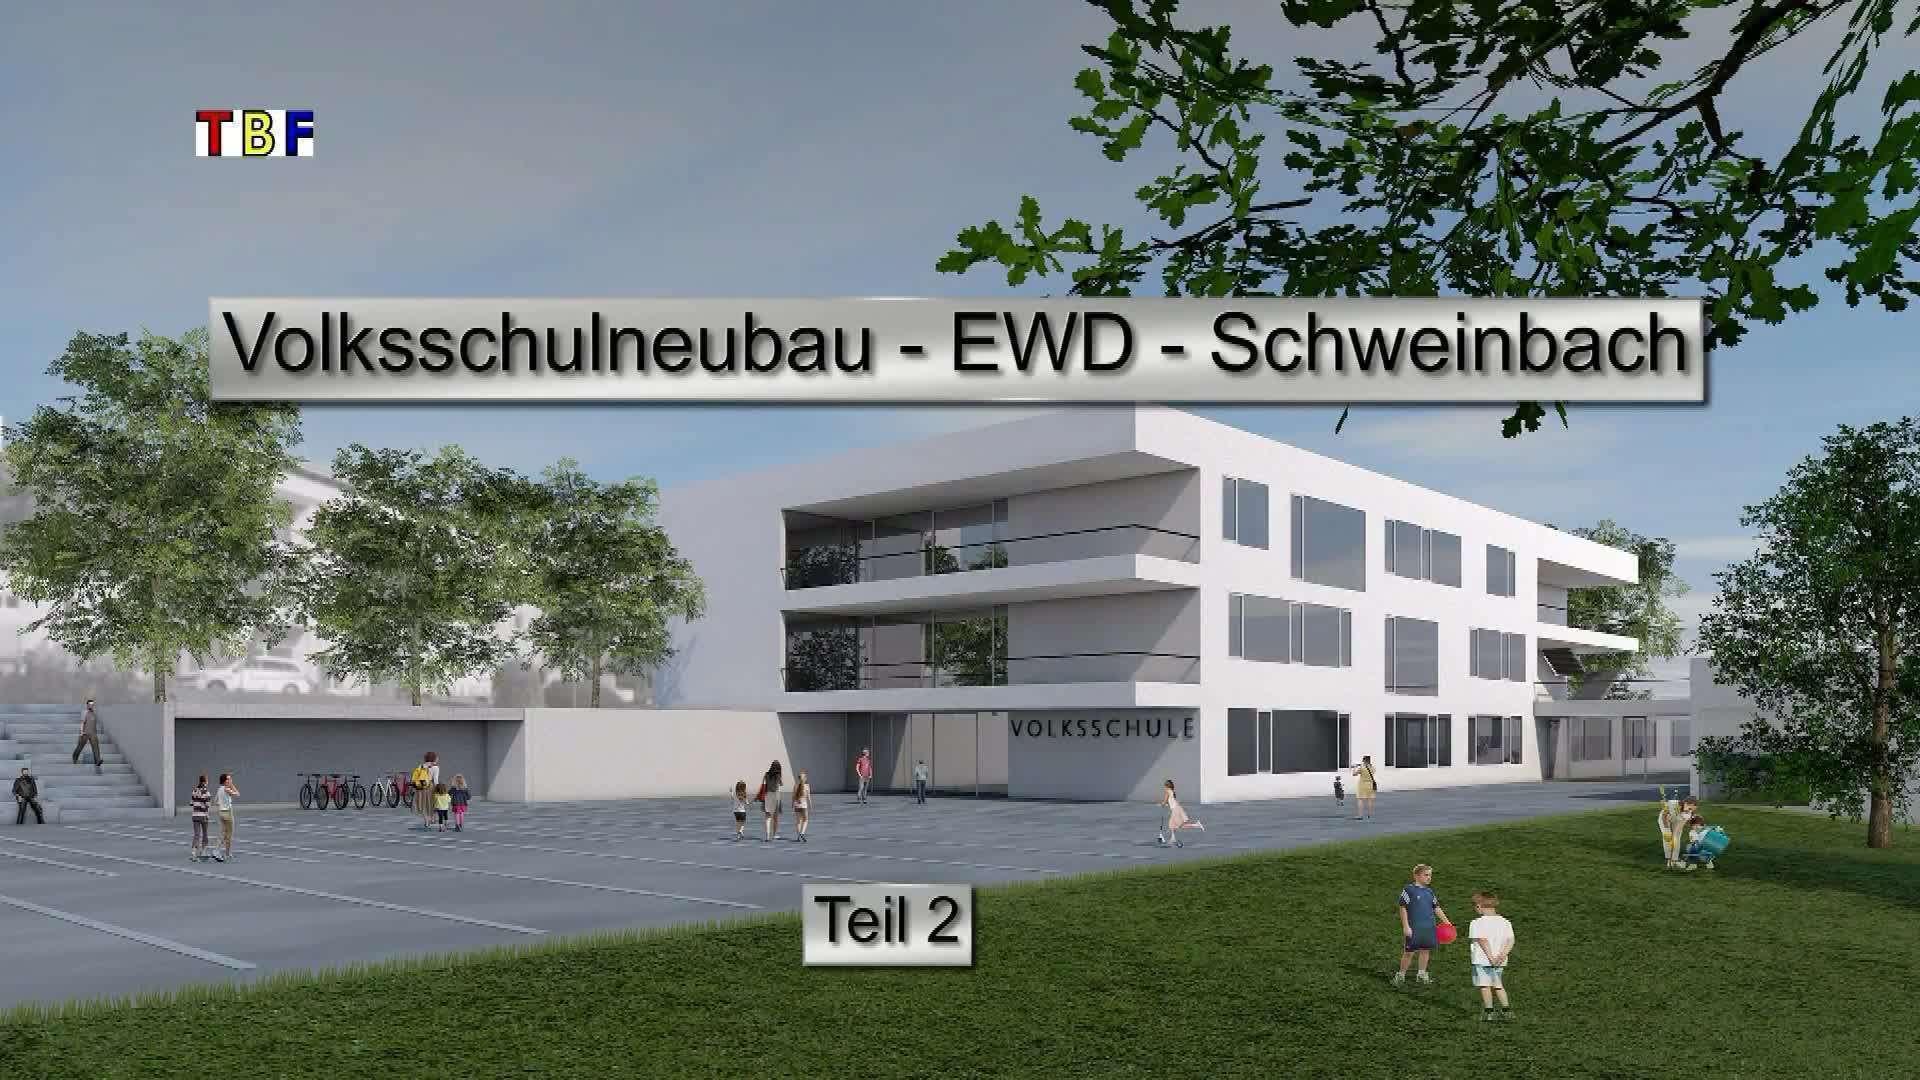 Volksschulneubau EWD-Schweinbach Teil 2